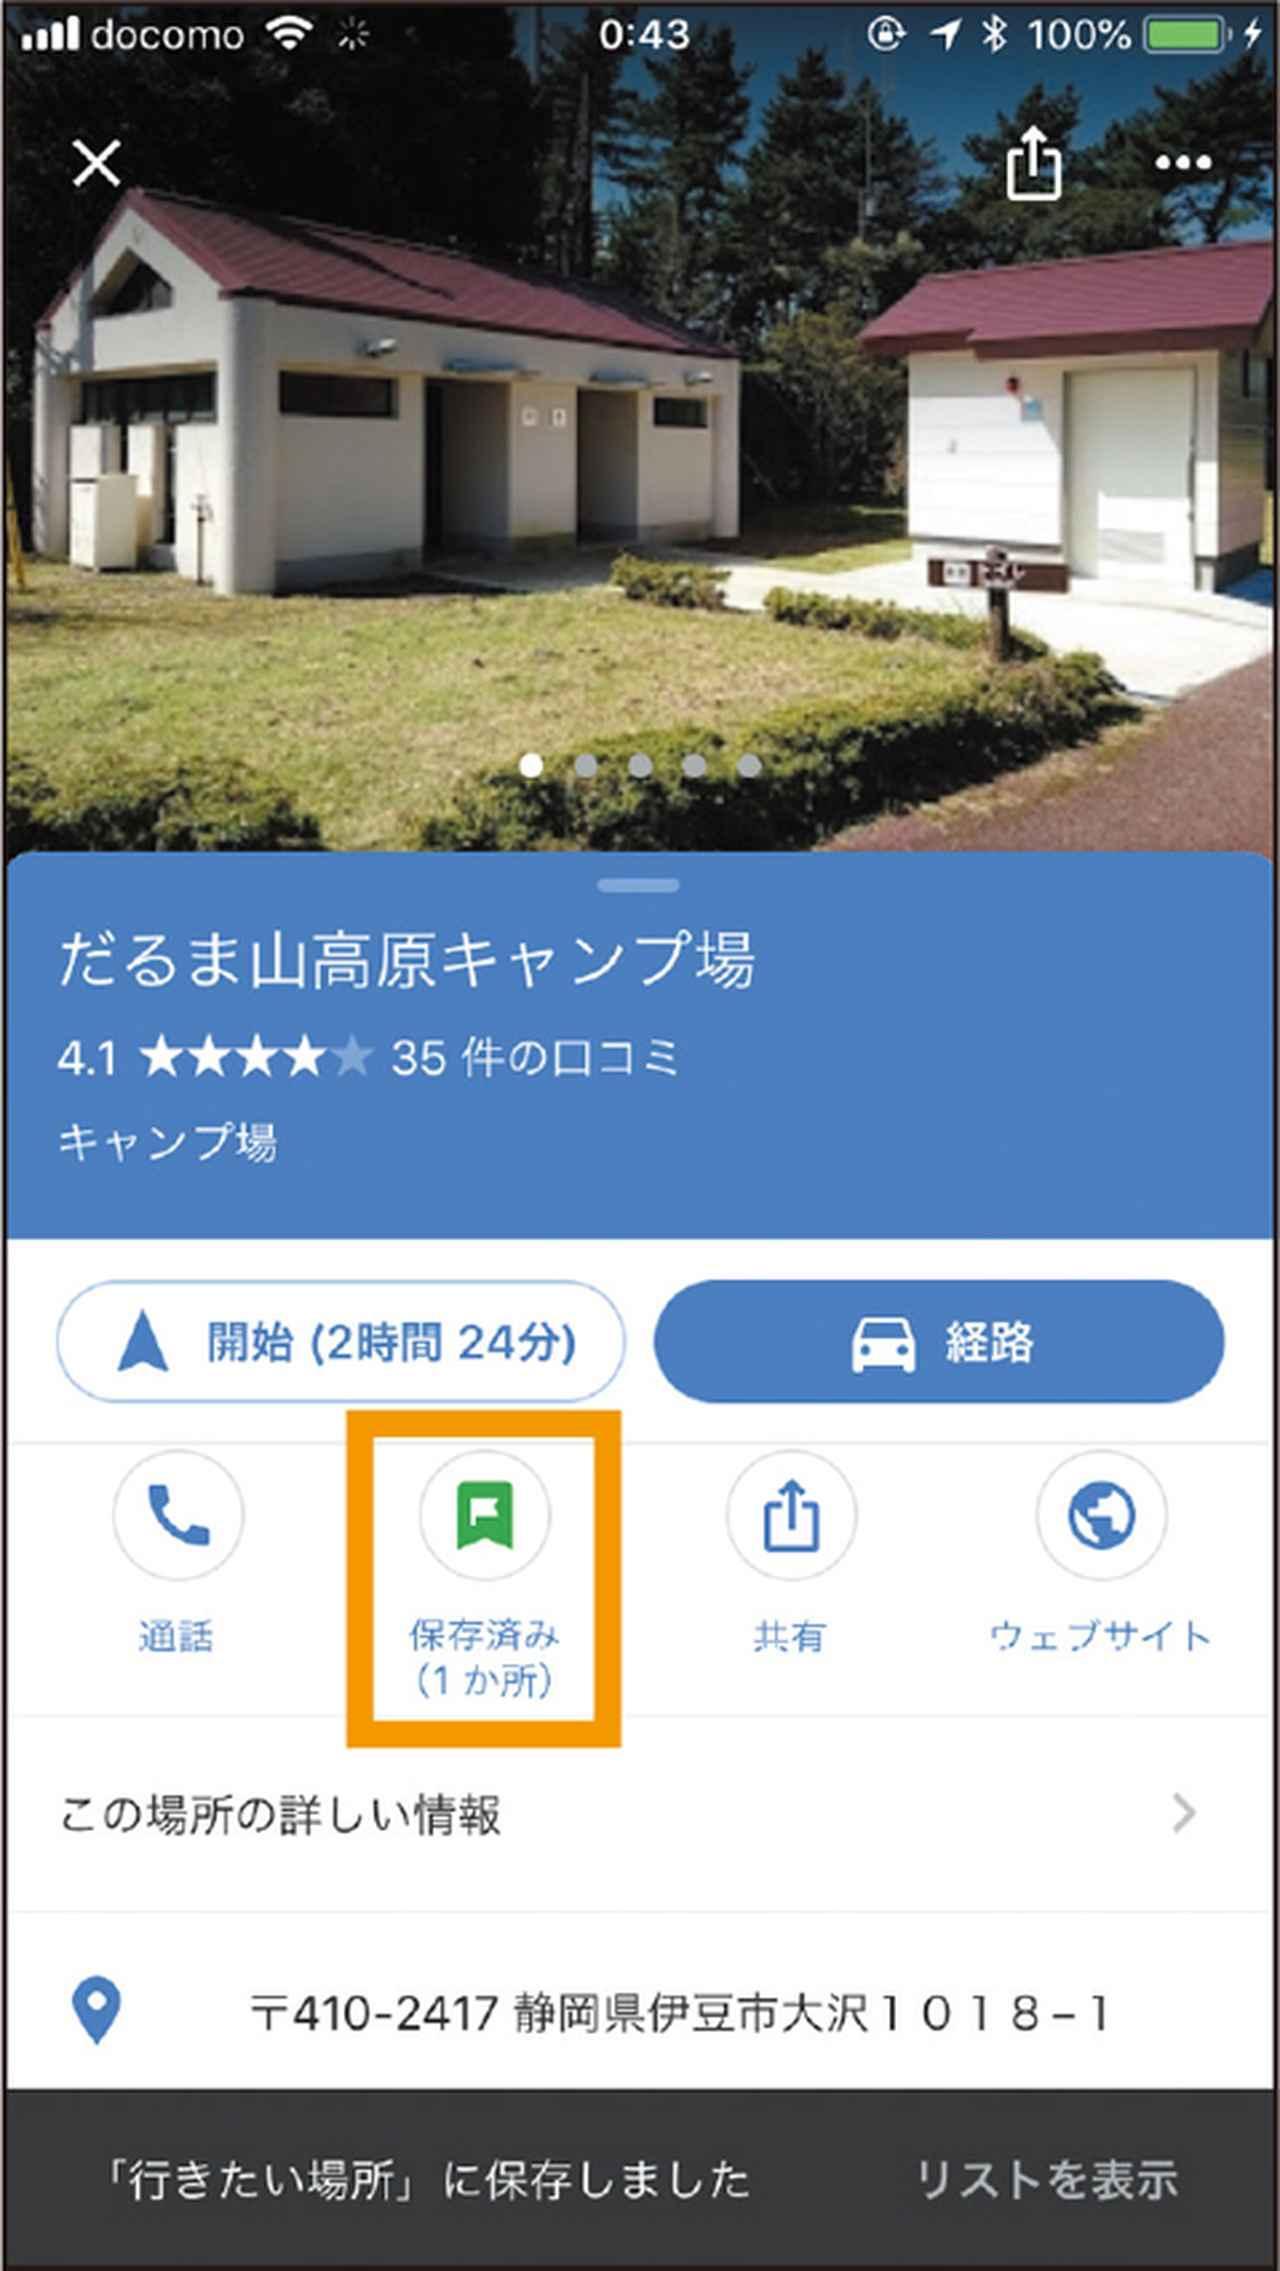 画像: リストへの保存が完了すると、アイコン表示が「保存済み」に切り替わる。